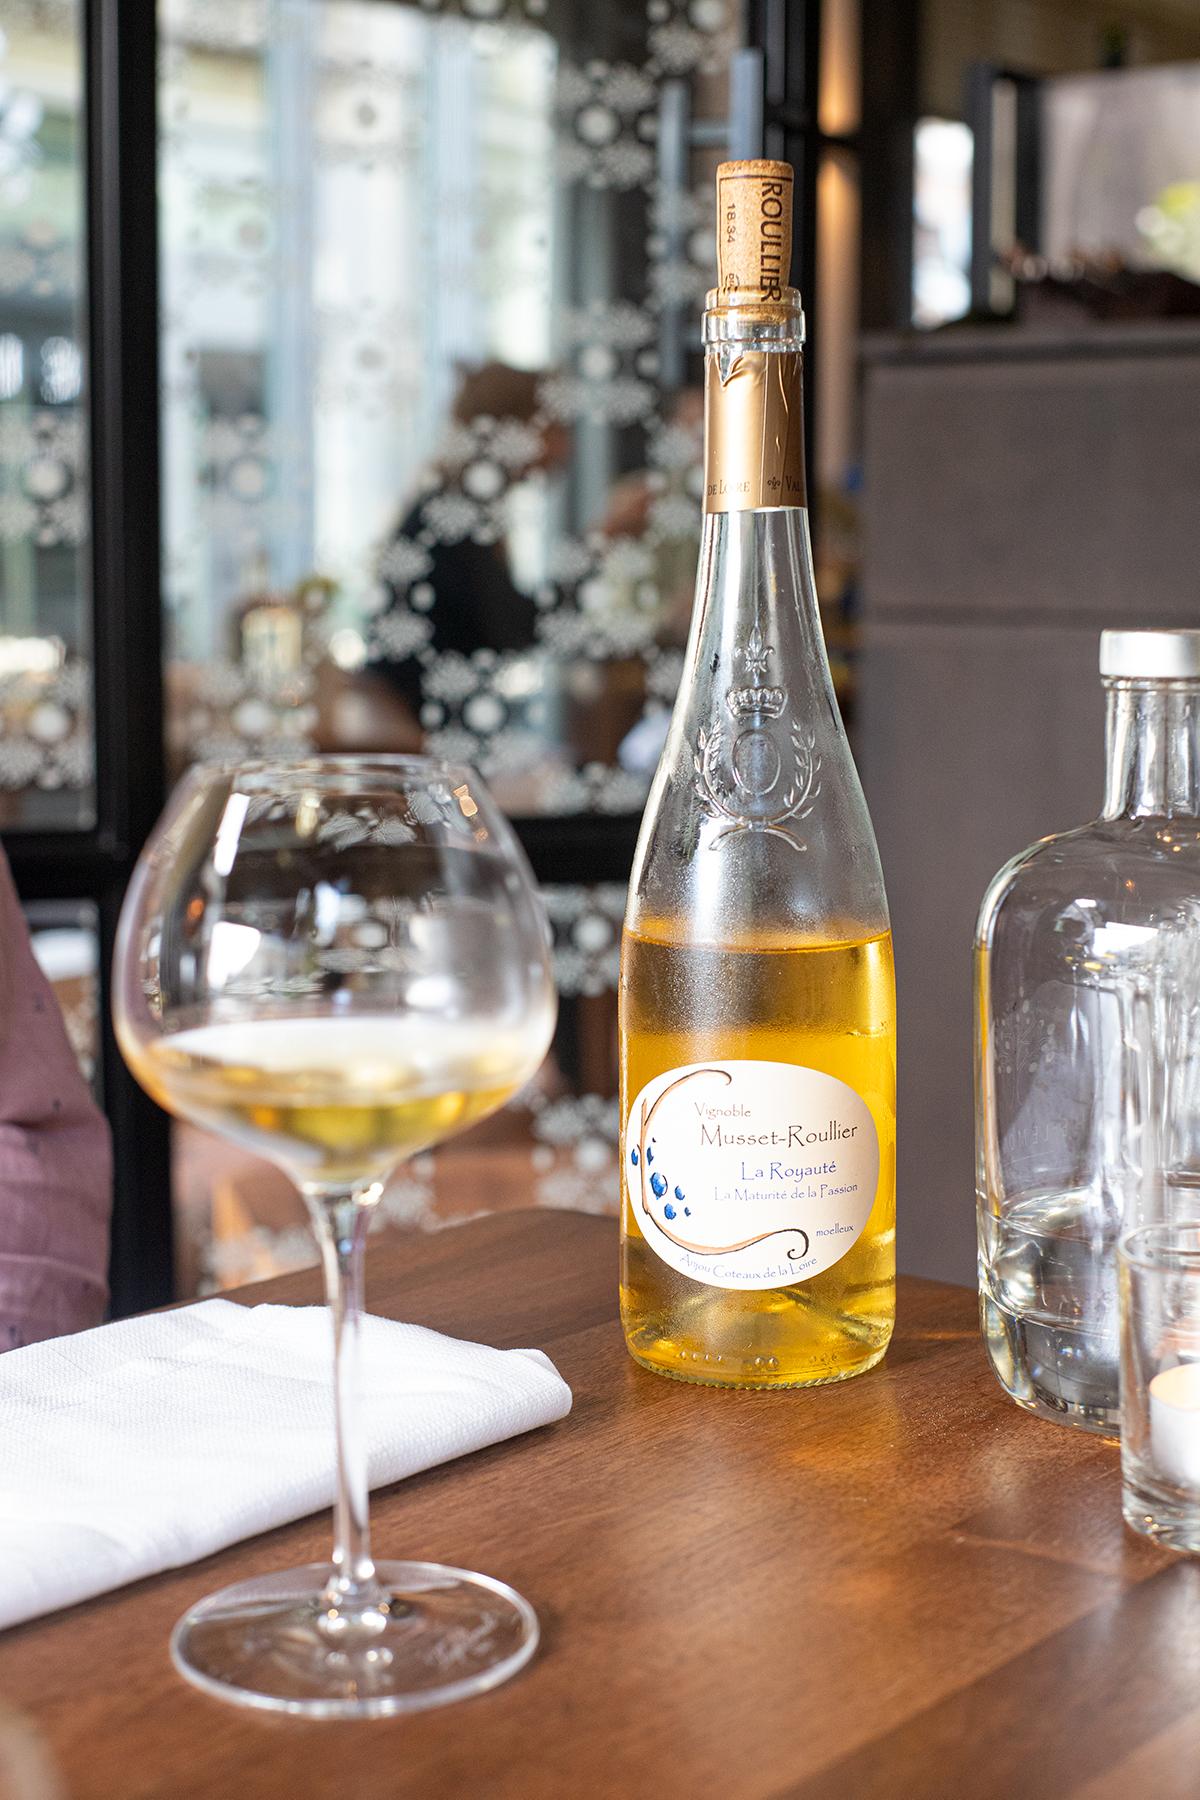 Dessert wijn bij The lemon tree